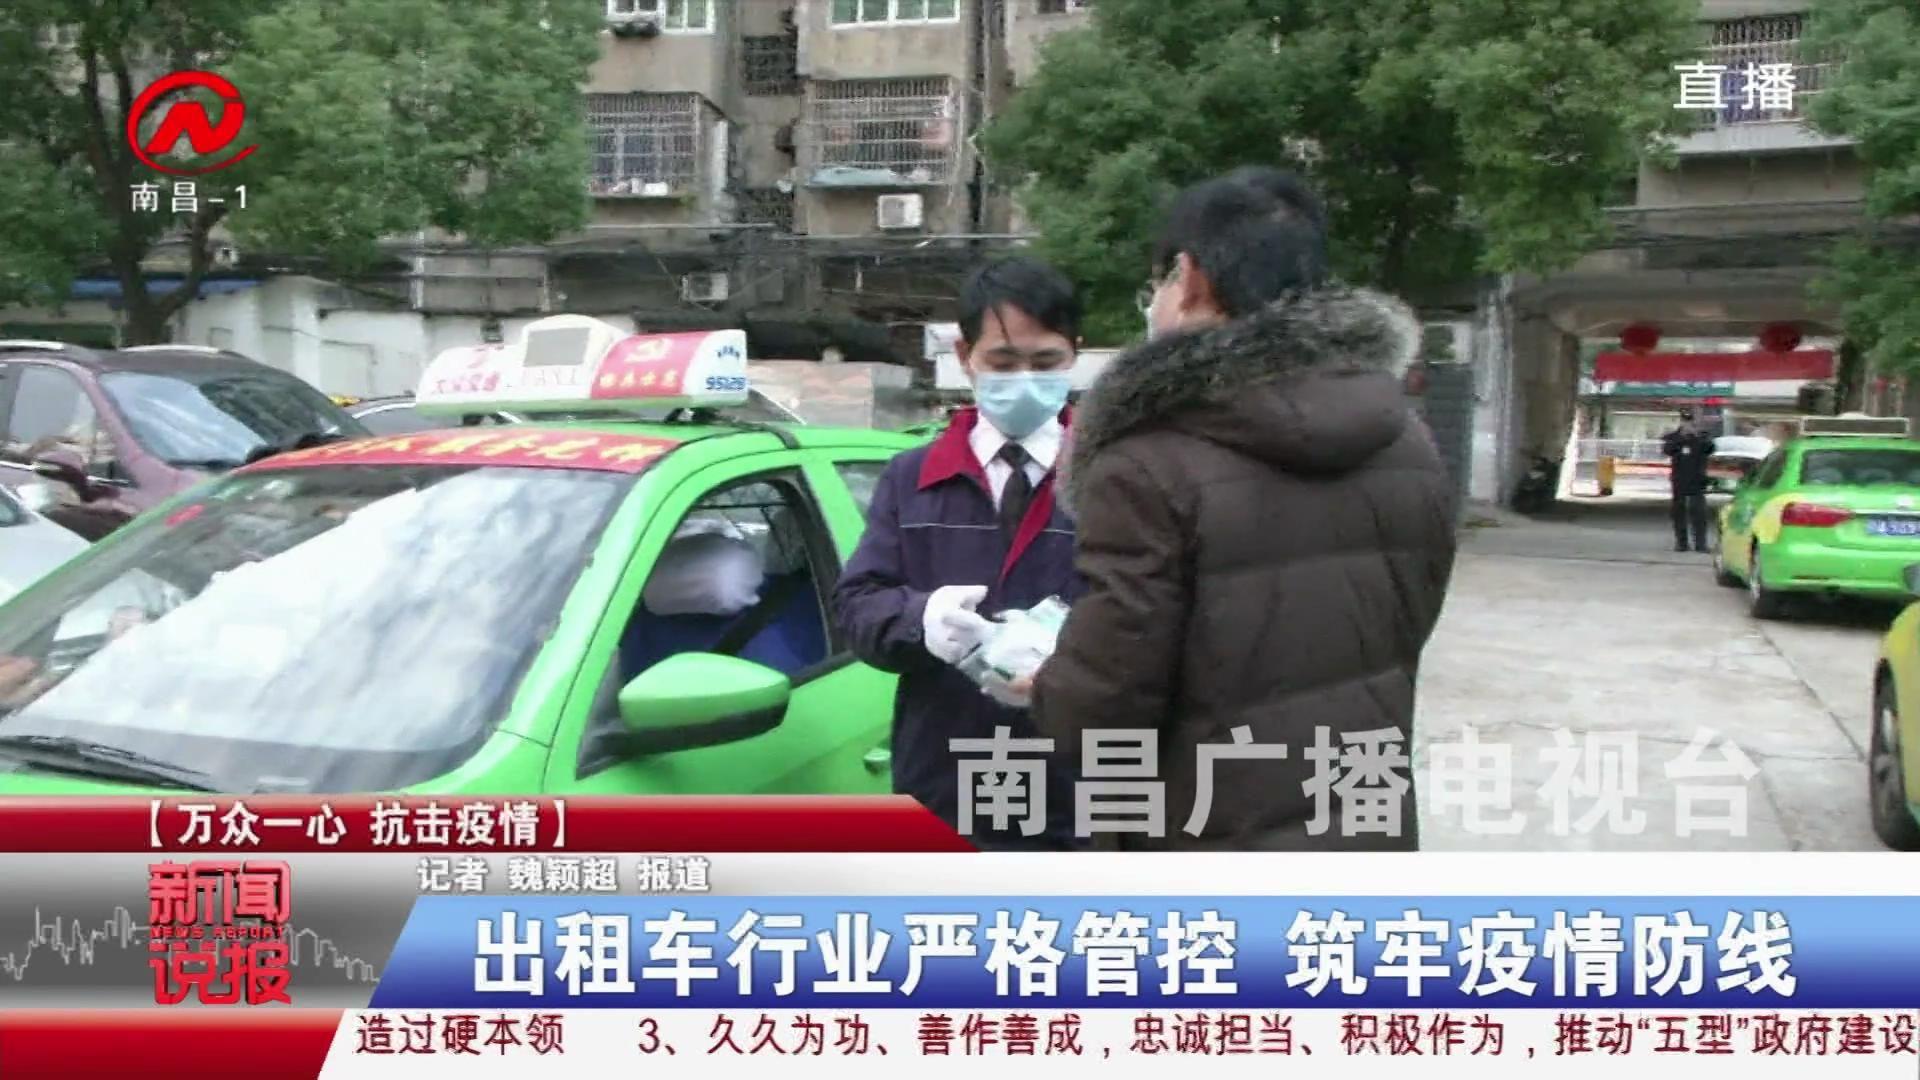 出租车行业严格管控 筑牢疫情防线